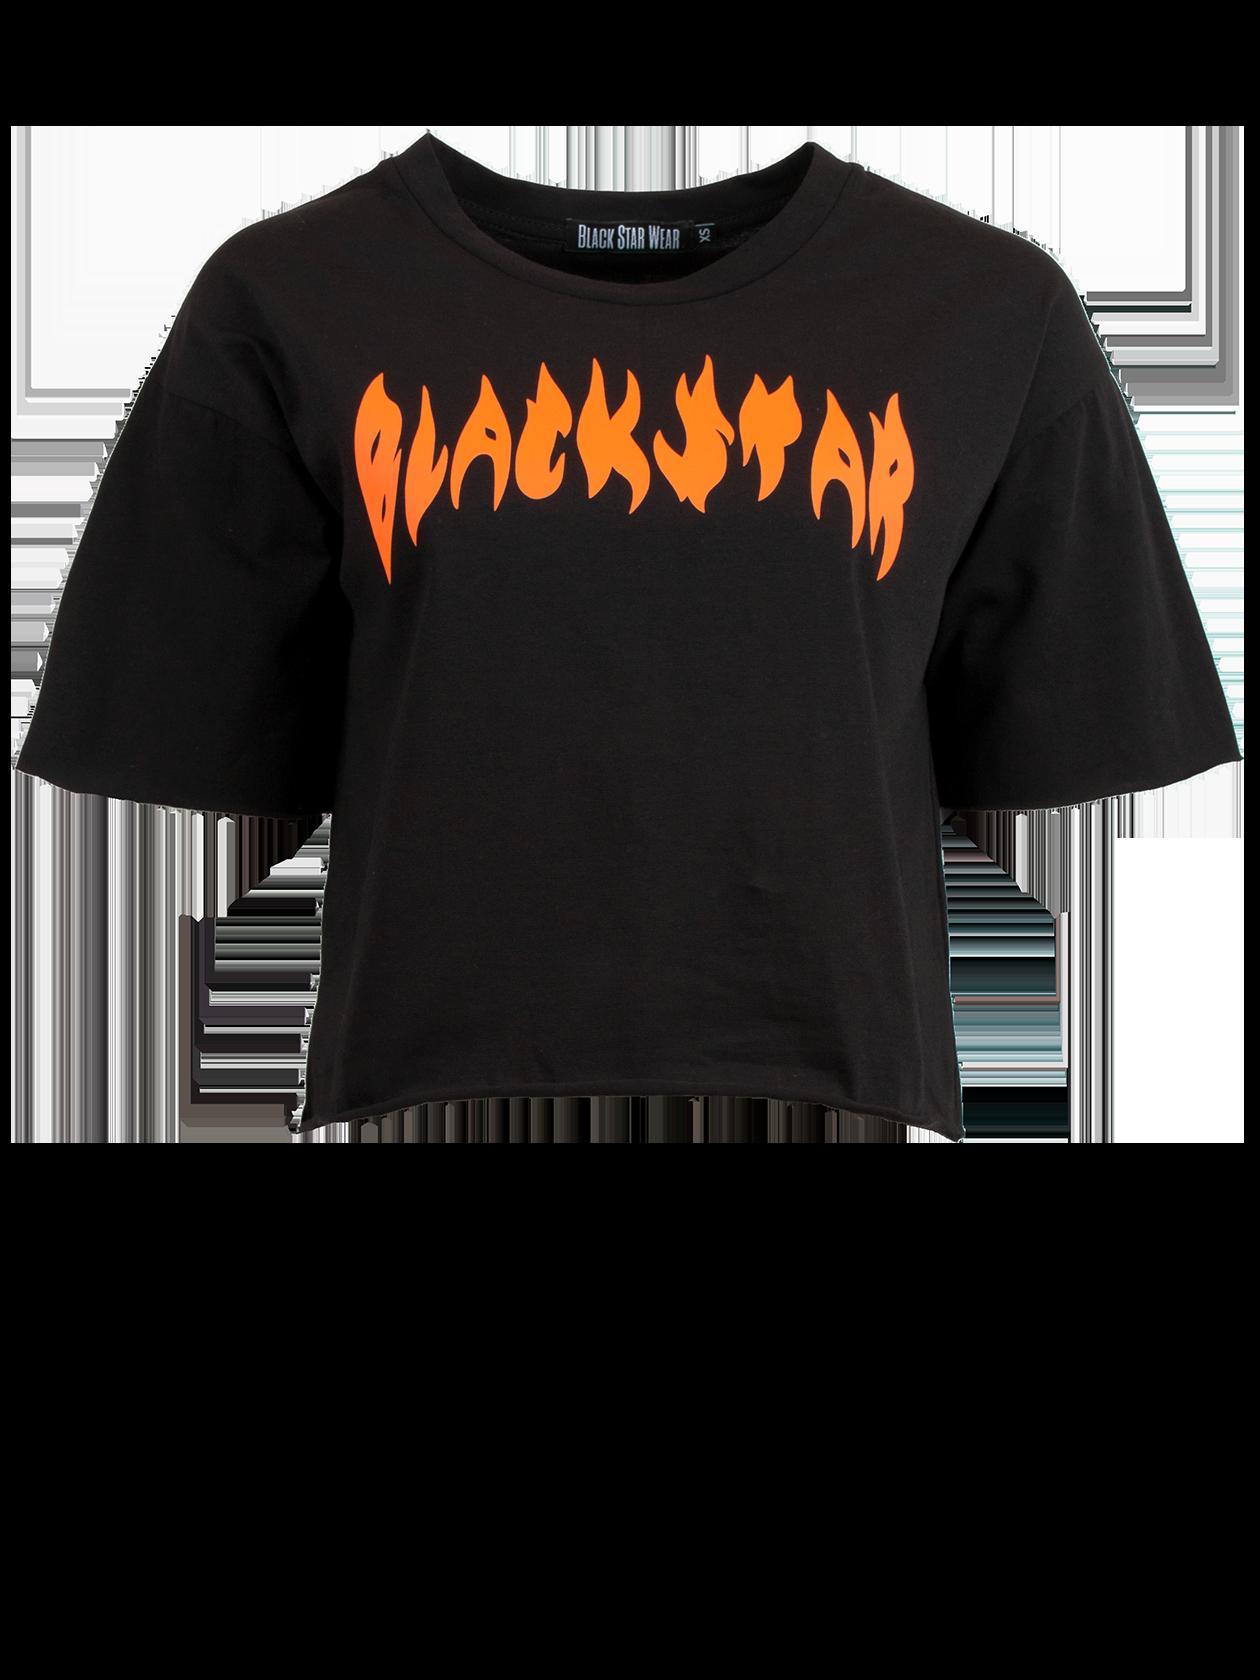 Женская футболка FIRE FLAMEЖенская футболка Fire Flame из уникальной коллекции Orange Flame вдохновит на создание яркого лука. Модель свободного кроя с укороченным силуэтом и небольшим широким рукавом. Линия плеча слегка опущена, горловина с неглубоким вырезом оформлена эластичным кантом, внутри содержится лейбл Black Star Wear. Интересным дизайнерским решением является необработанный край низа и рукавов. «Огненная» надпись Black Star на груди добавит образу смелости и энергичности. Изделие представлено в двух расцветках – традиционной черной и сочной оранжевой. Для пошива футболки был выбран премиальный 100% хлопок, приятный к телу.<br><br>Размер: L<br>Цвет: Черный<br>Пол: Женский